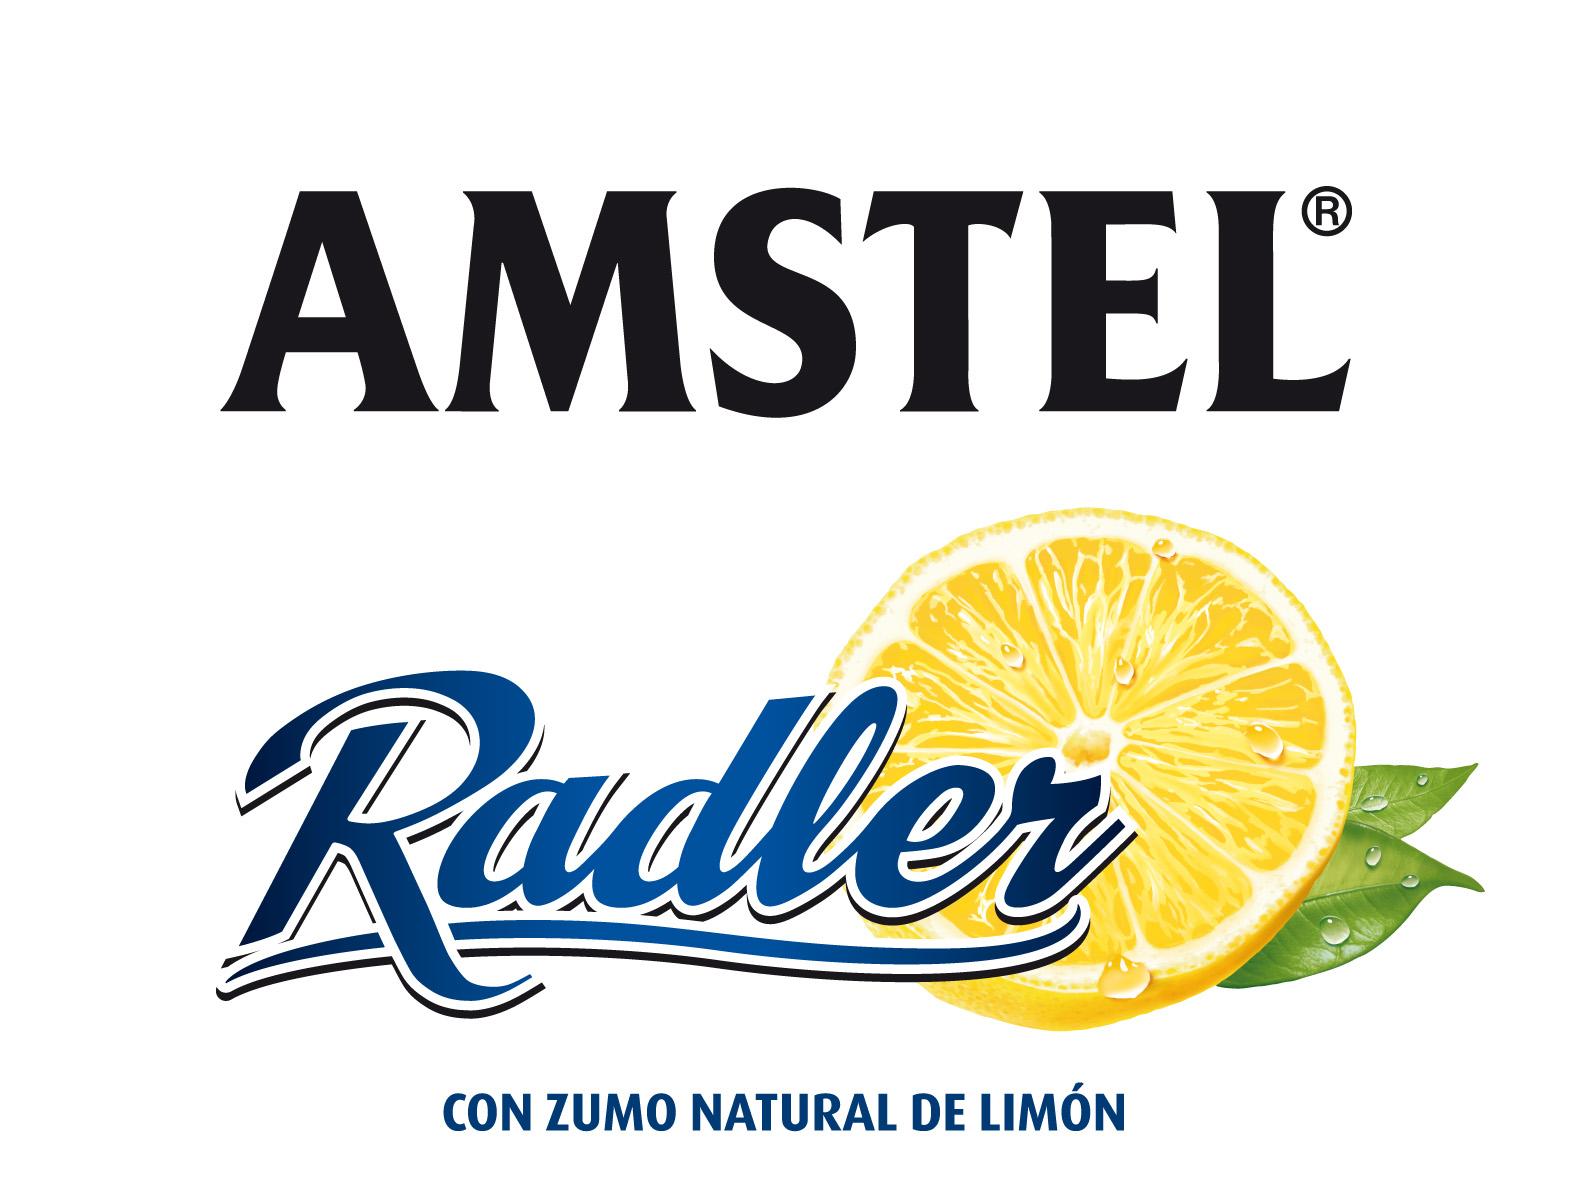 AMSTEL READLER